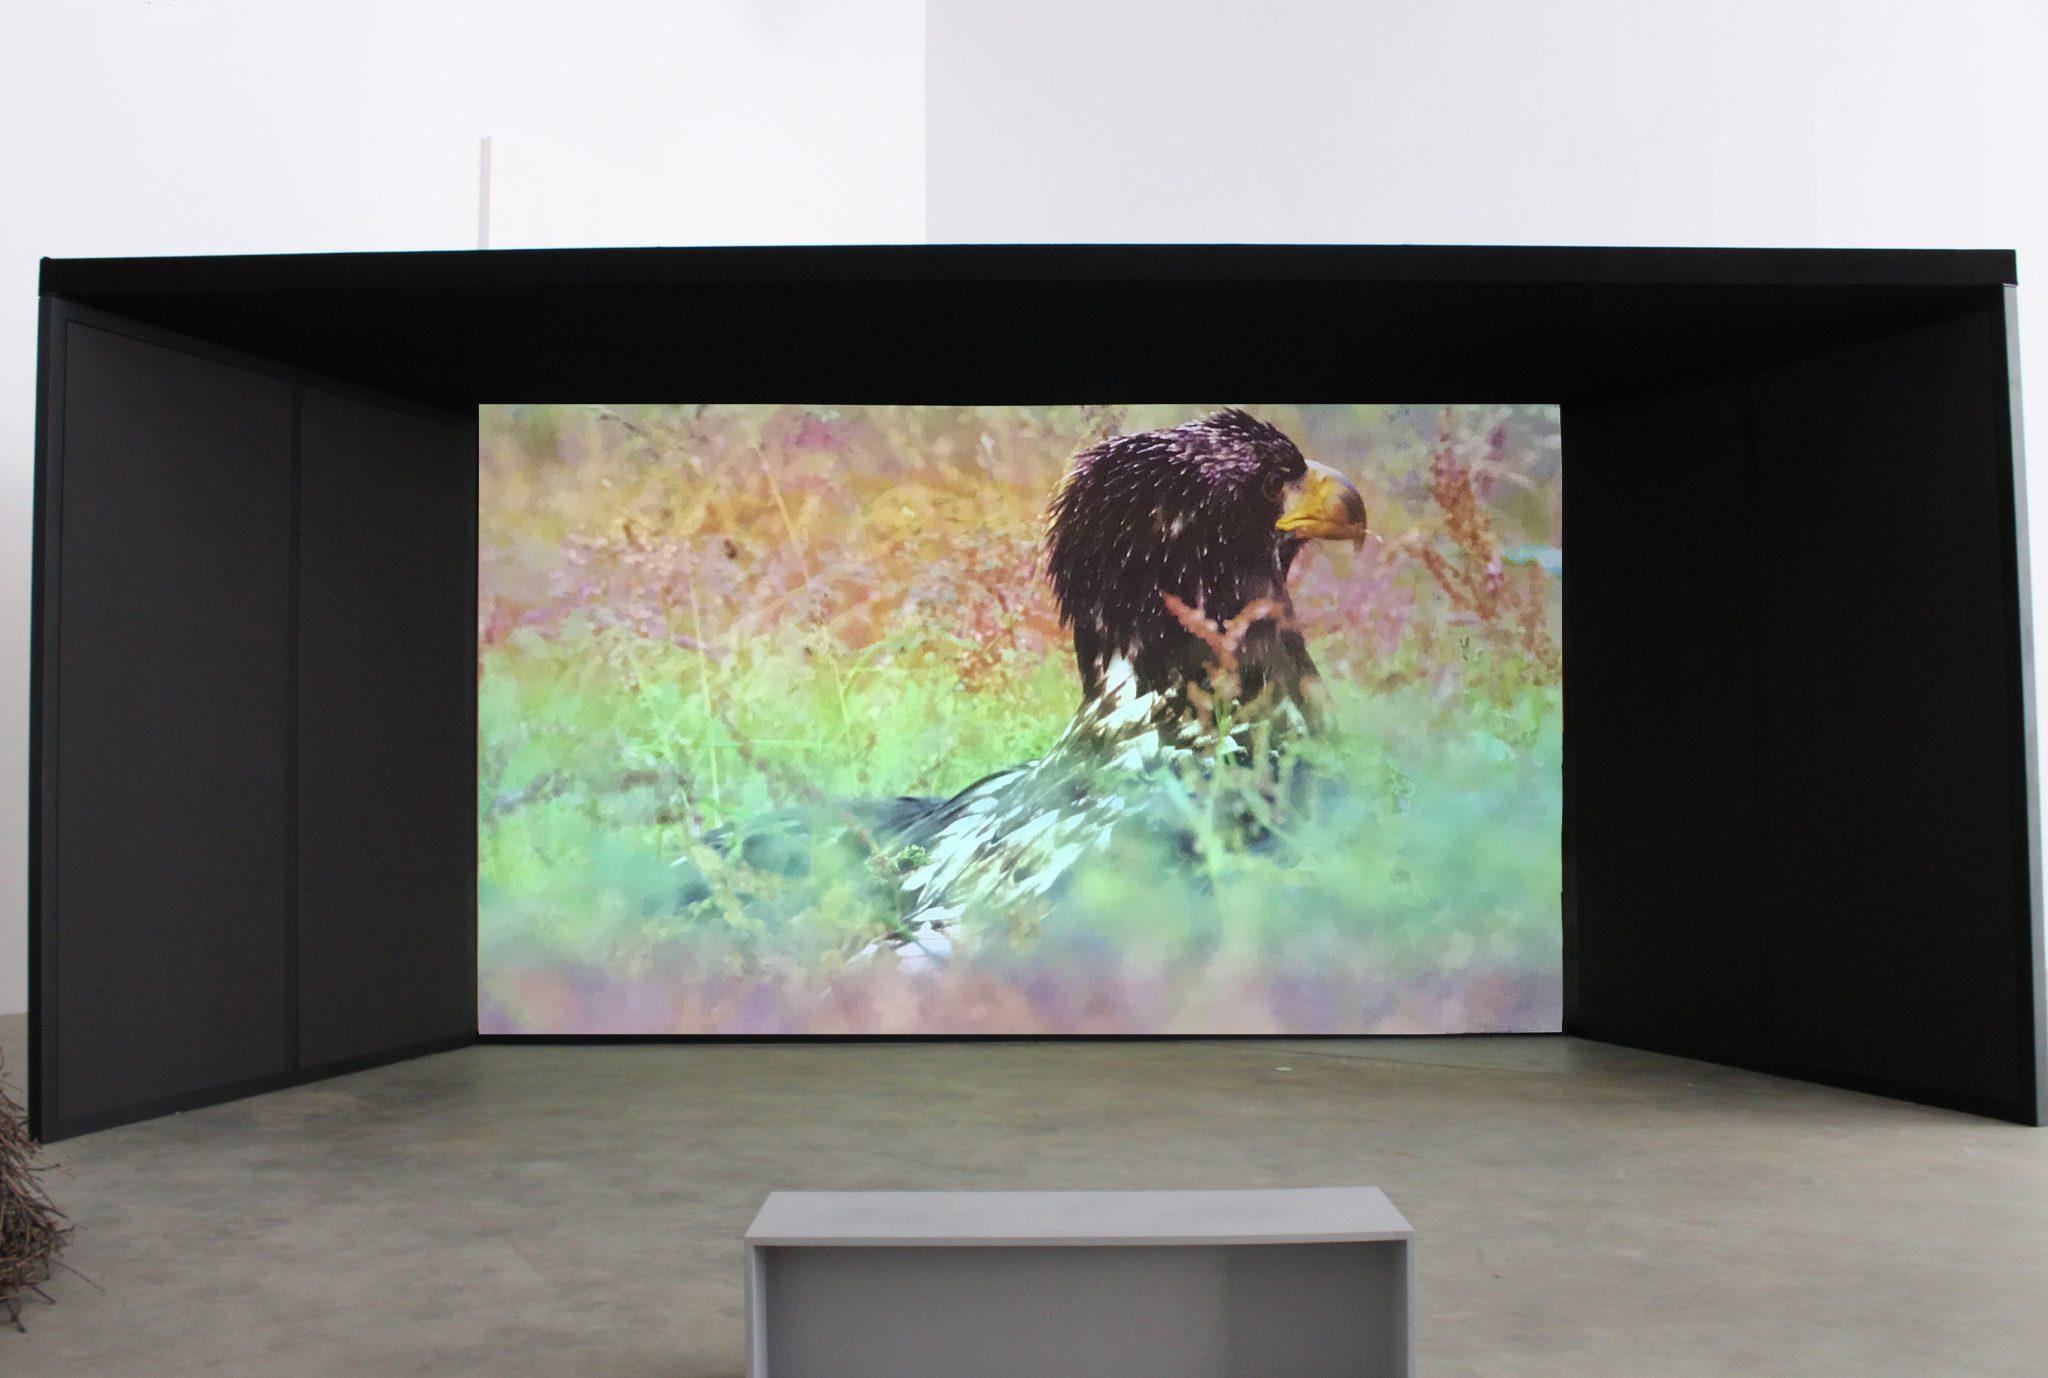 VIDEO. Mario Merz Prize alla sua 3° edizione, ecco la mostra dei cinque finalisti di quest'anno